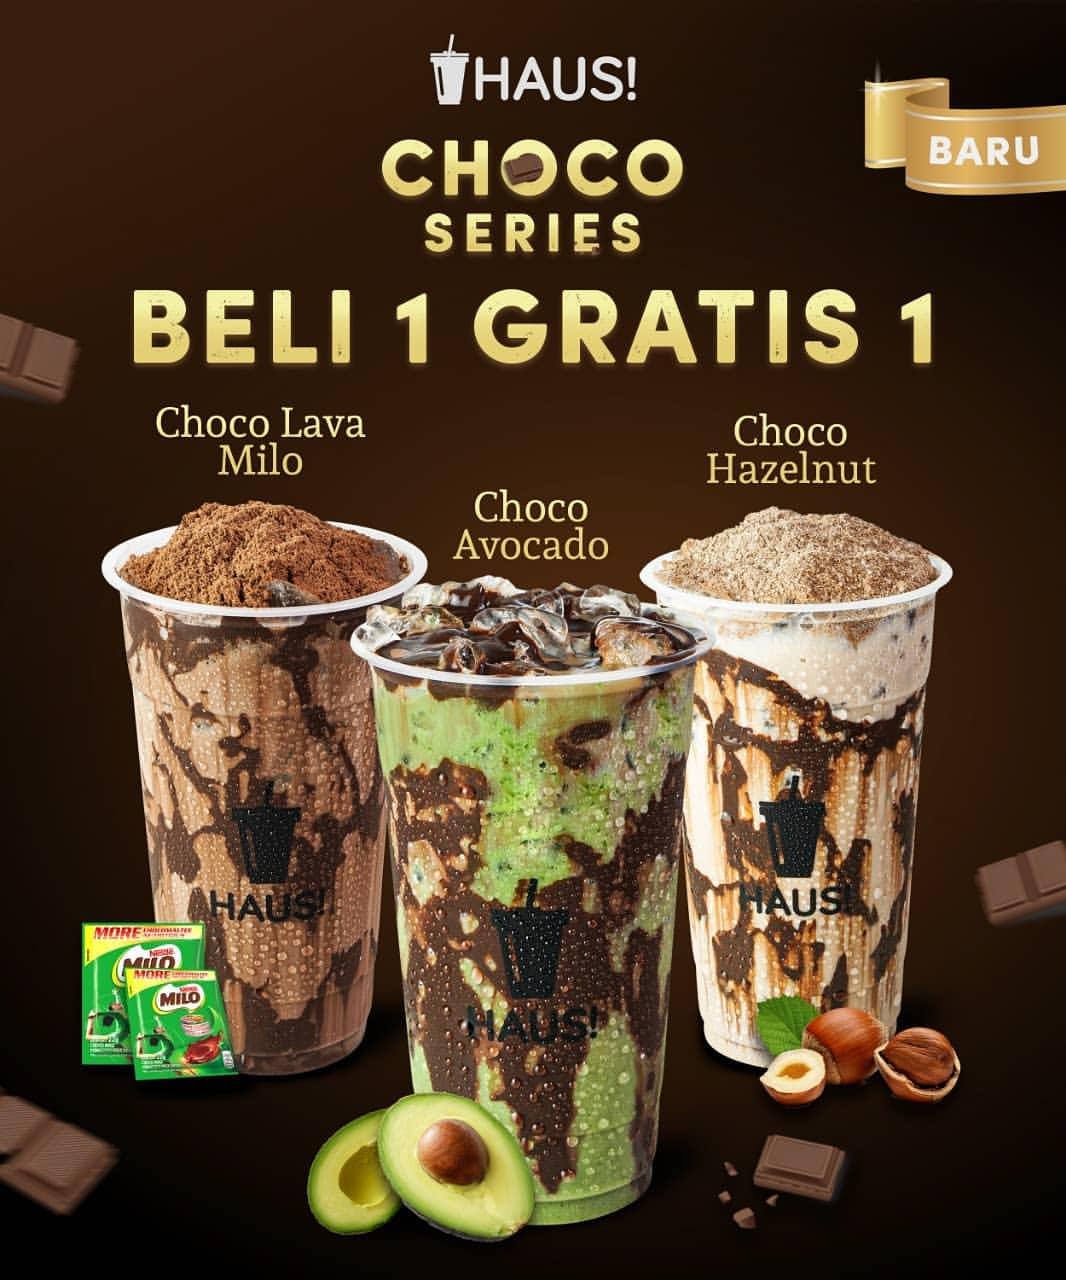 HAUS! Promo BELI 1 GRATIS 1 untuk Choco Series